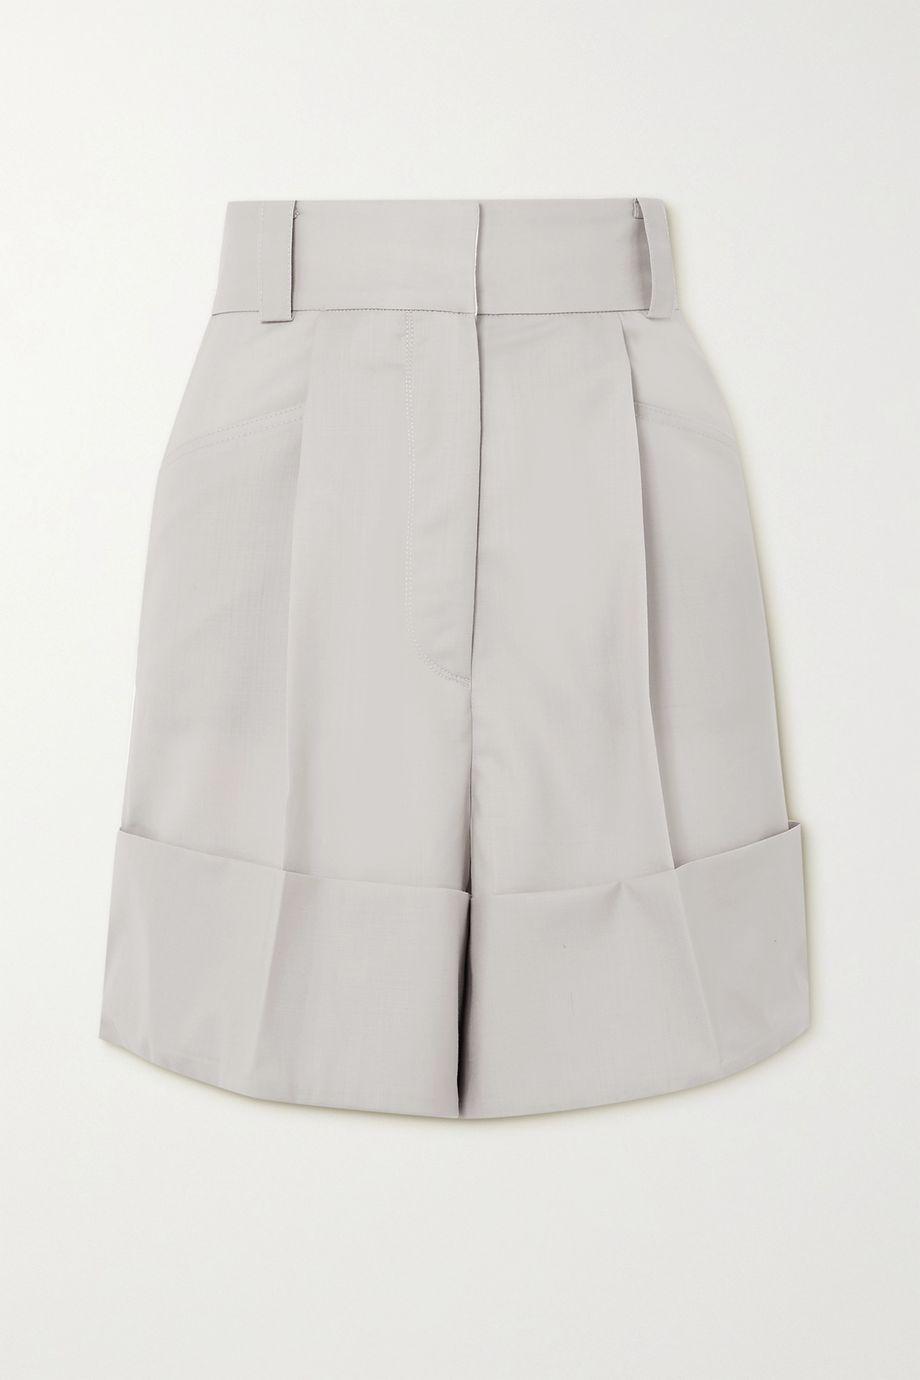 LOW CLASSIC Grain de poudre wool shorts